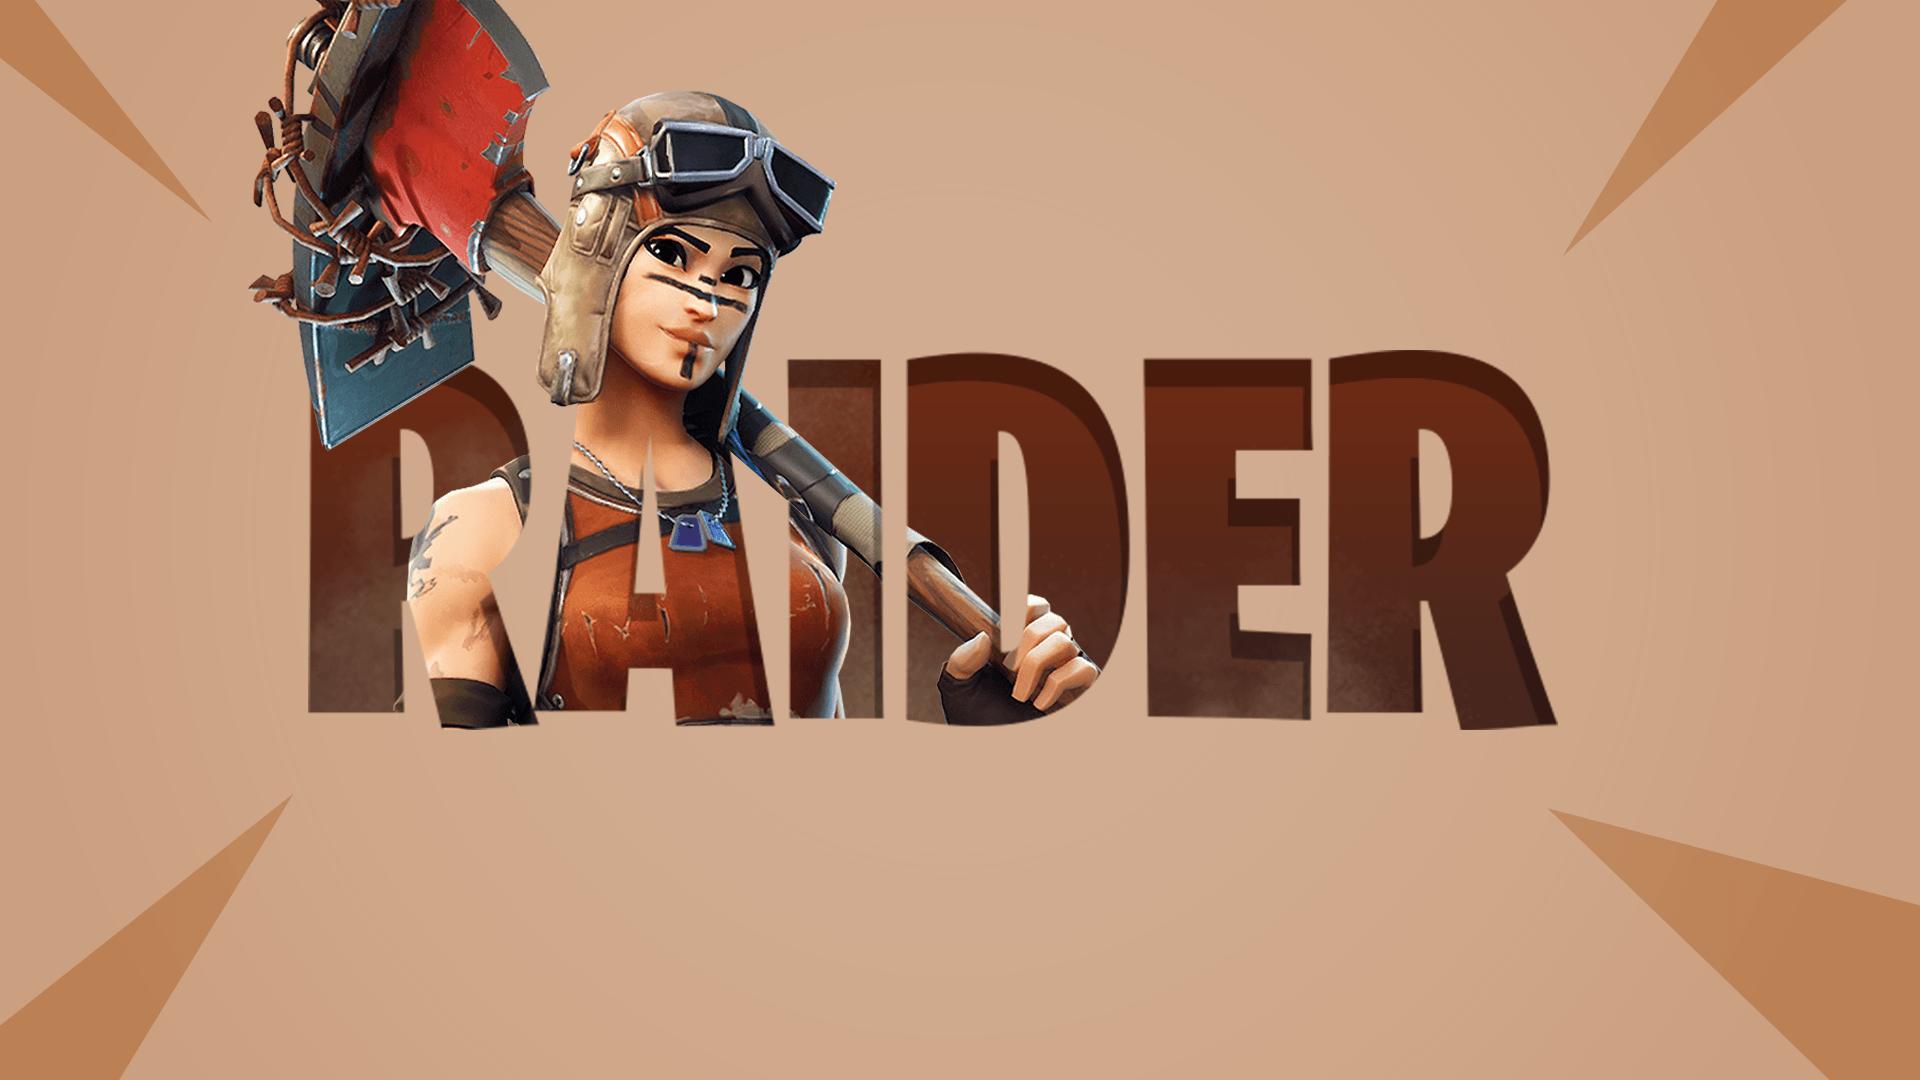 Renegade Raider Supreme Wallpapers Wallpaper Cave